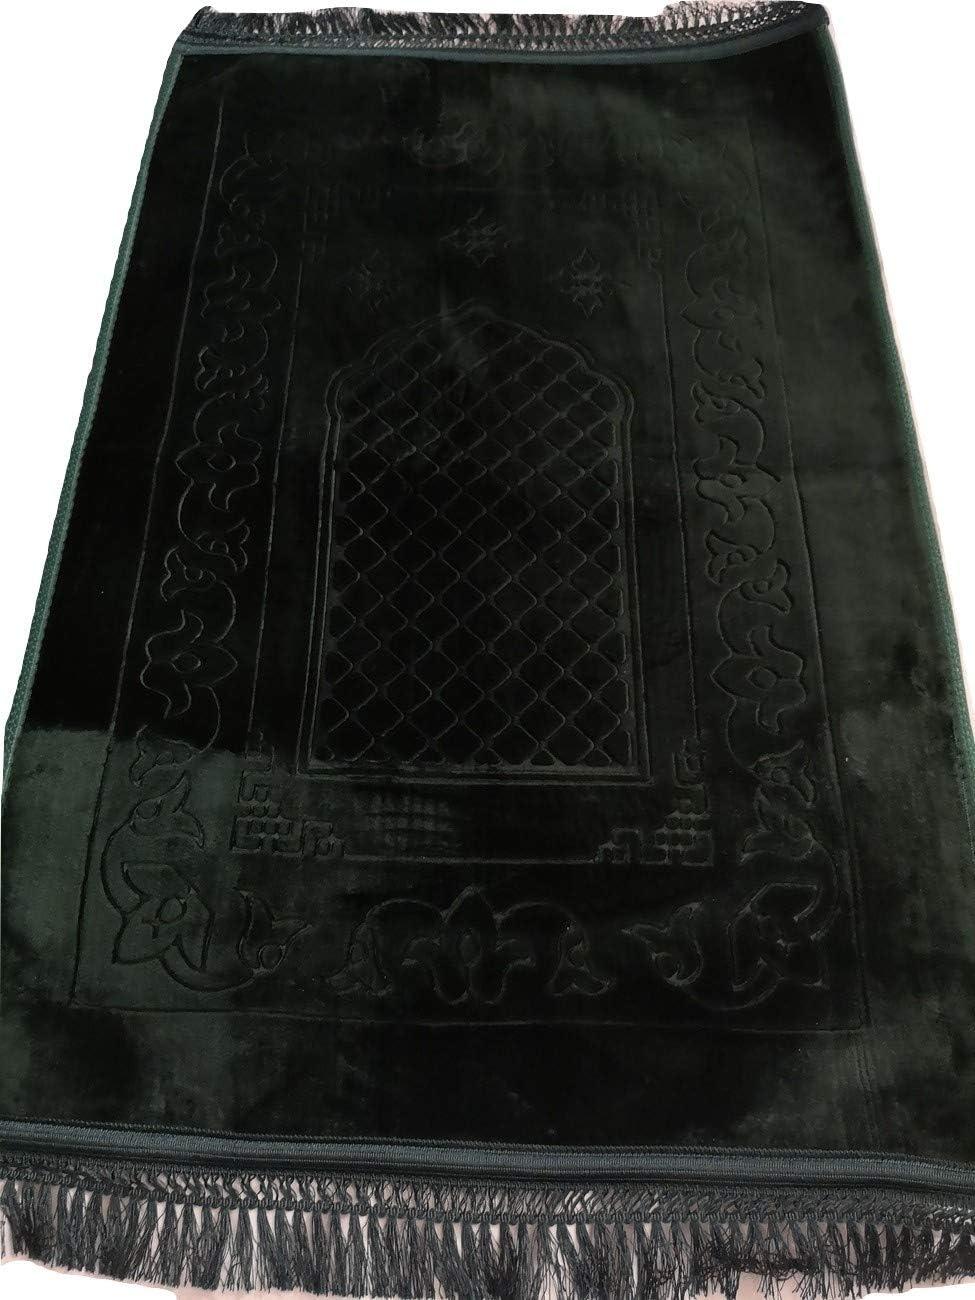 120cm x 80cm Sansar Cushion Padded Muslim Islamic Prayer Mat Musalah Namaz Rug Chocolate Brown